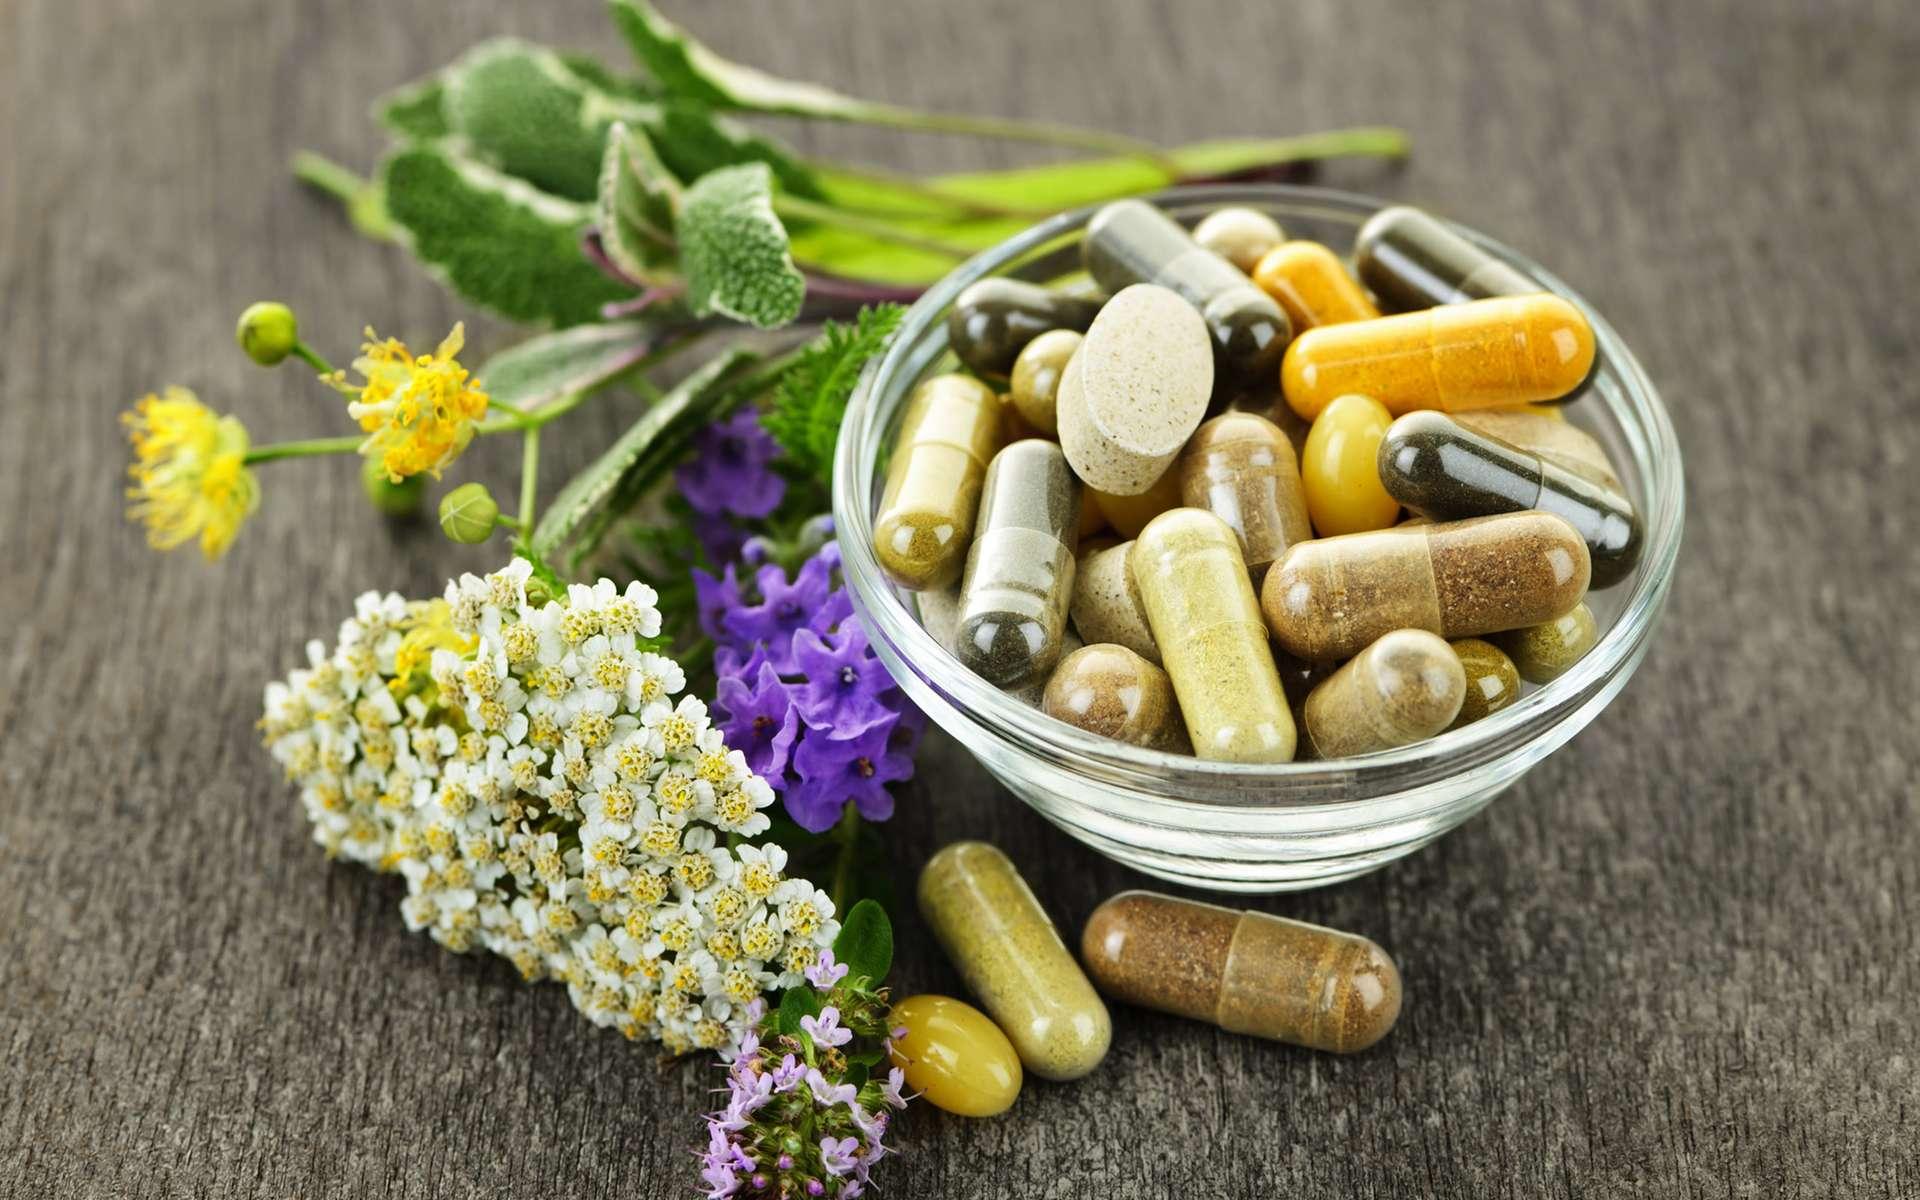 Certains compléments alimentaires à base de plantes ont des effets proches des médicaments sans être aussi bien encadrés. © Elenathewise / IStock.com